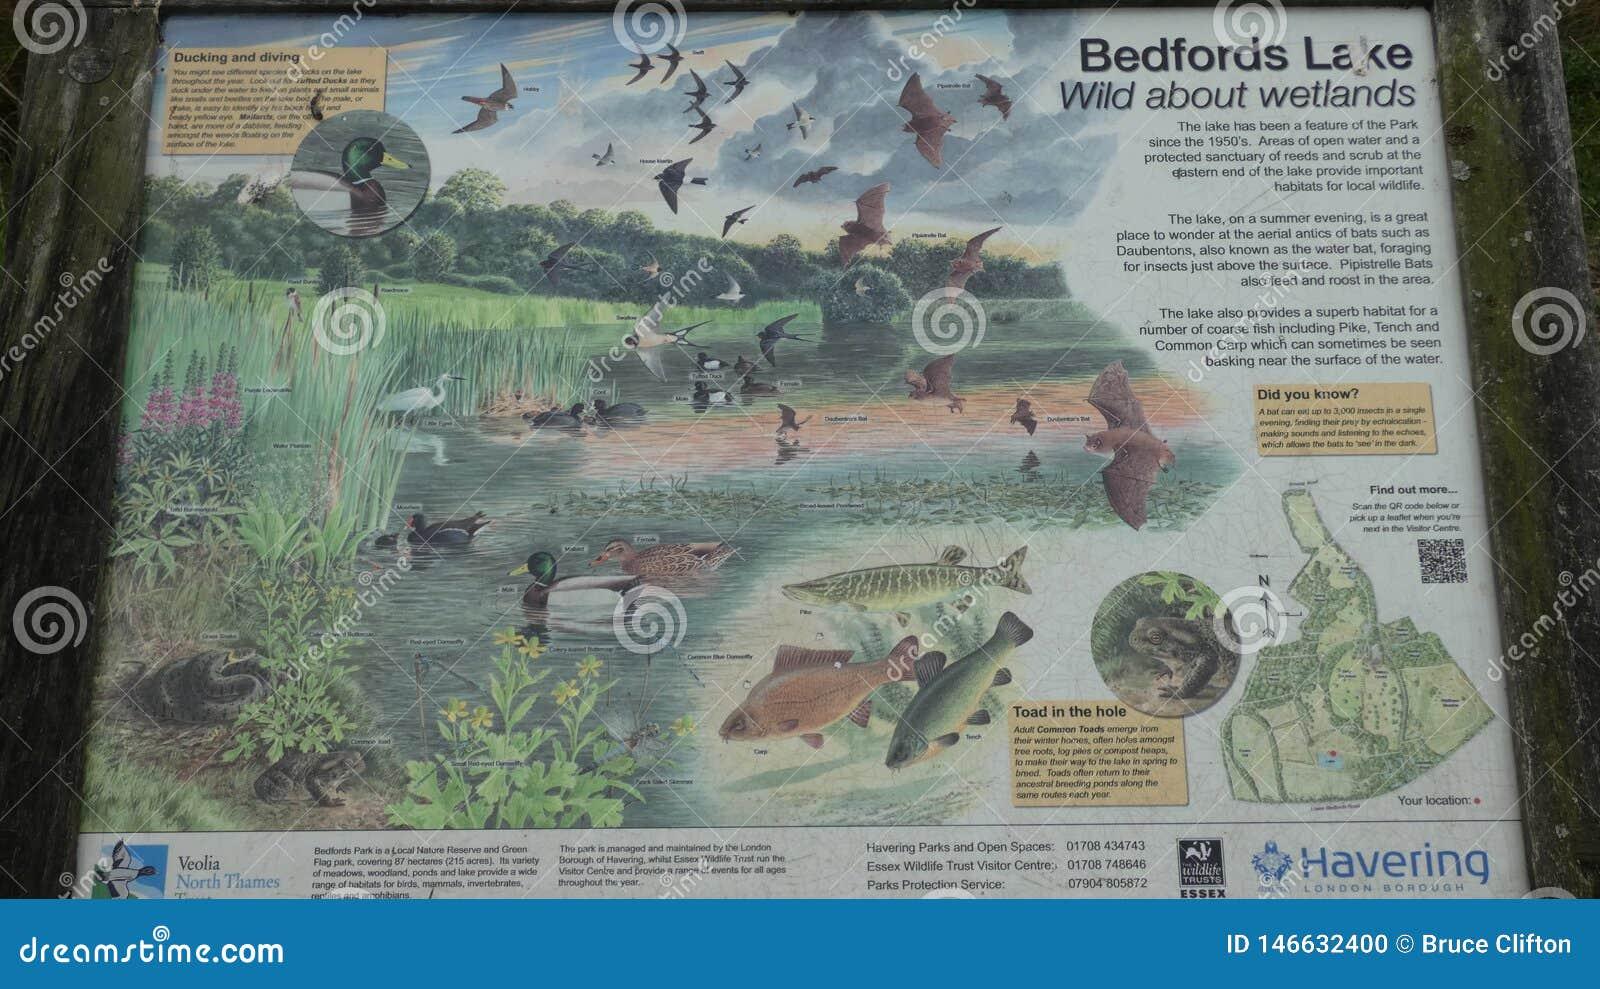 Bedford parka Jeziorny Londyński podgrodzie Havering